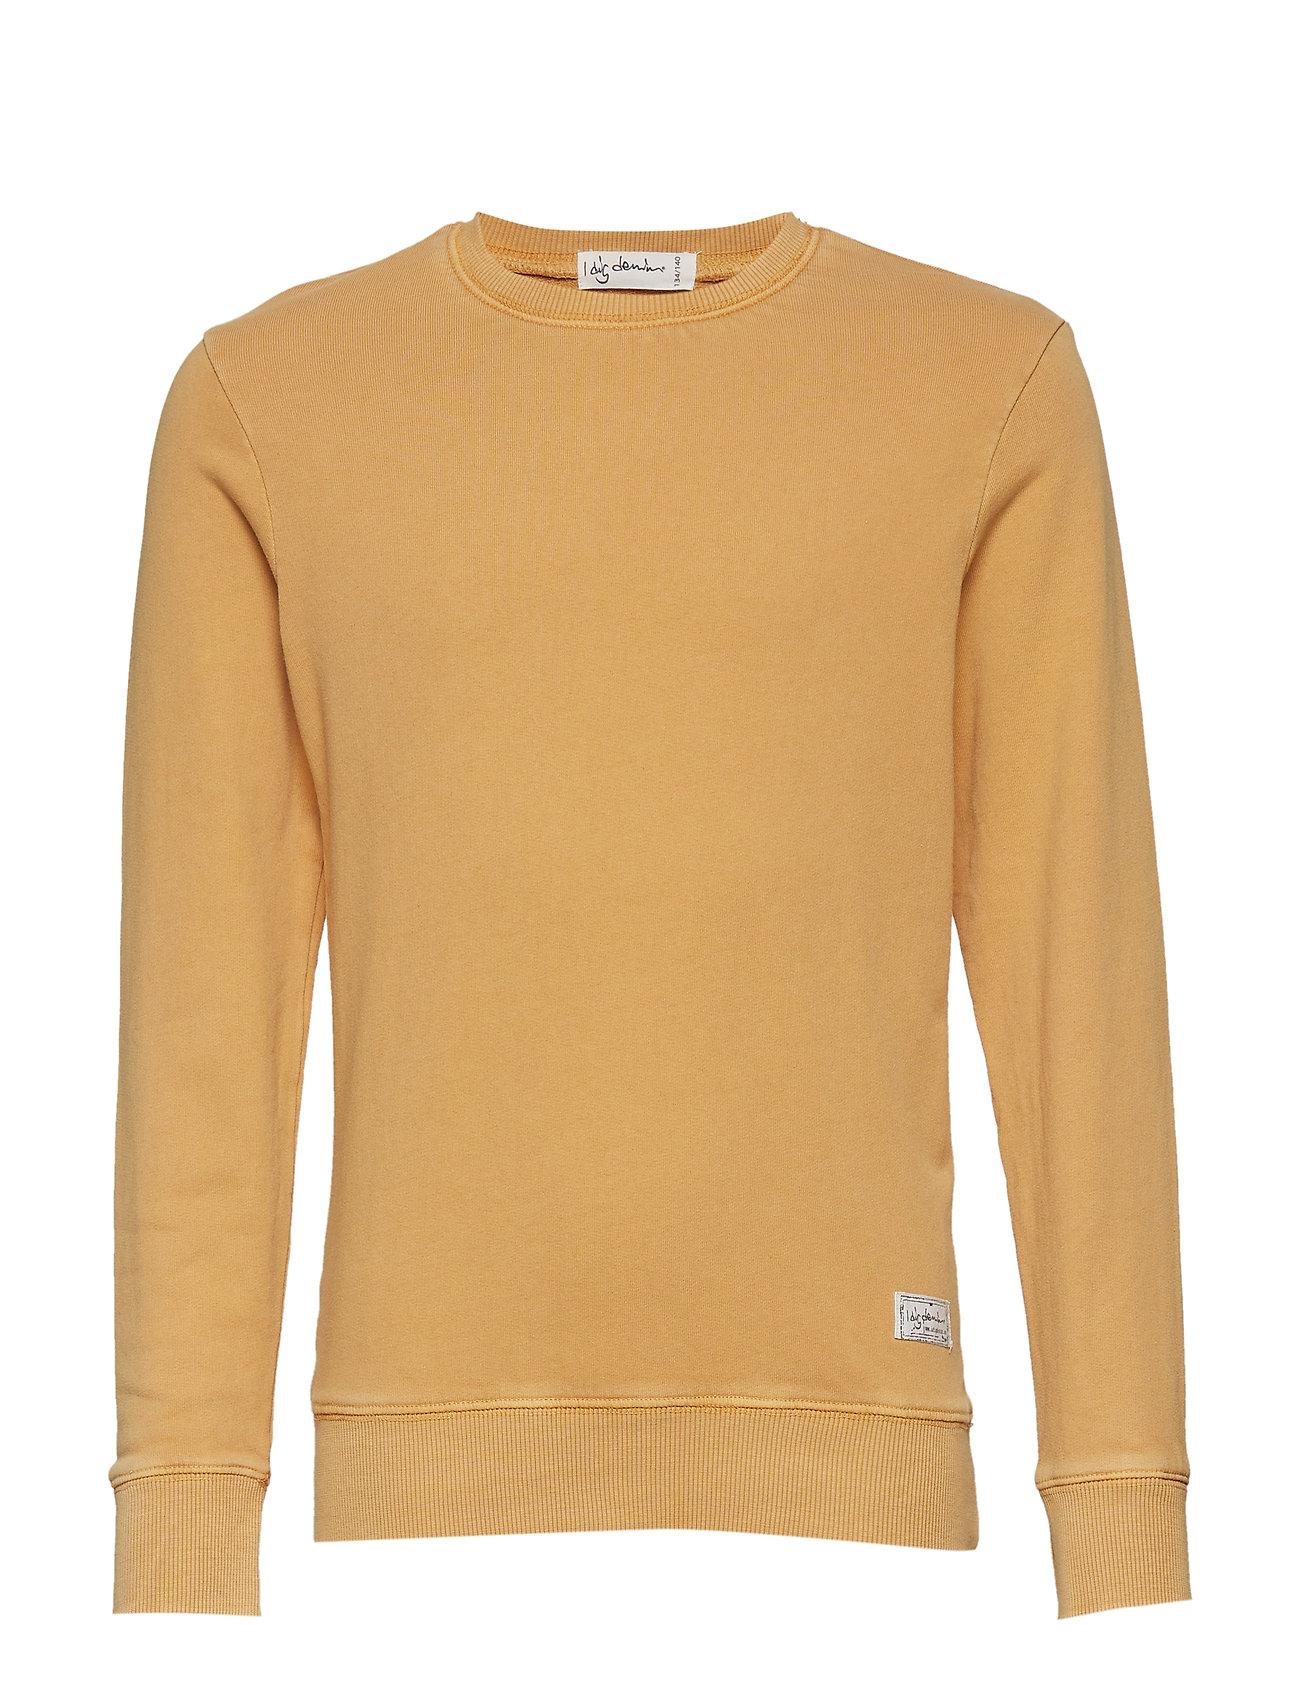 7f090657781 Jean Sweater sweatshirts fra I dig denim til børn i Sort - Pashion.dk